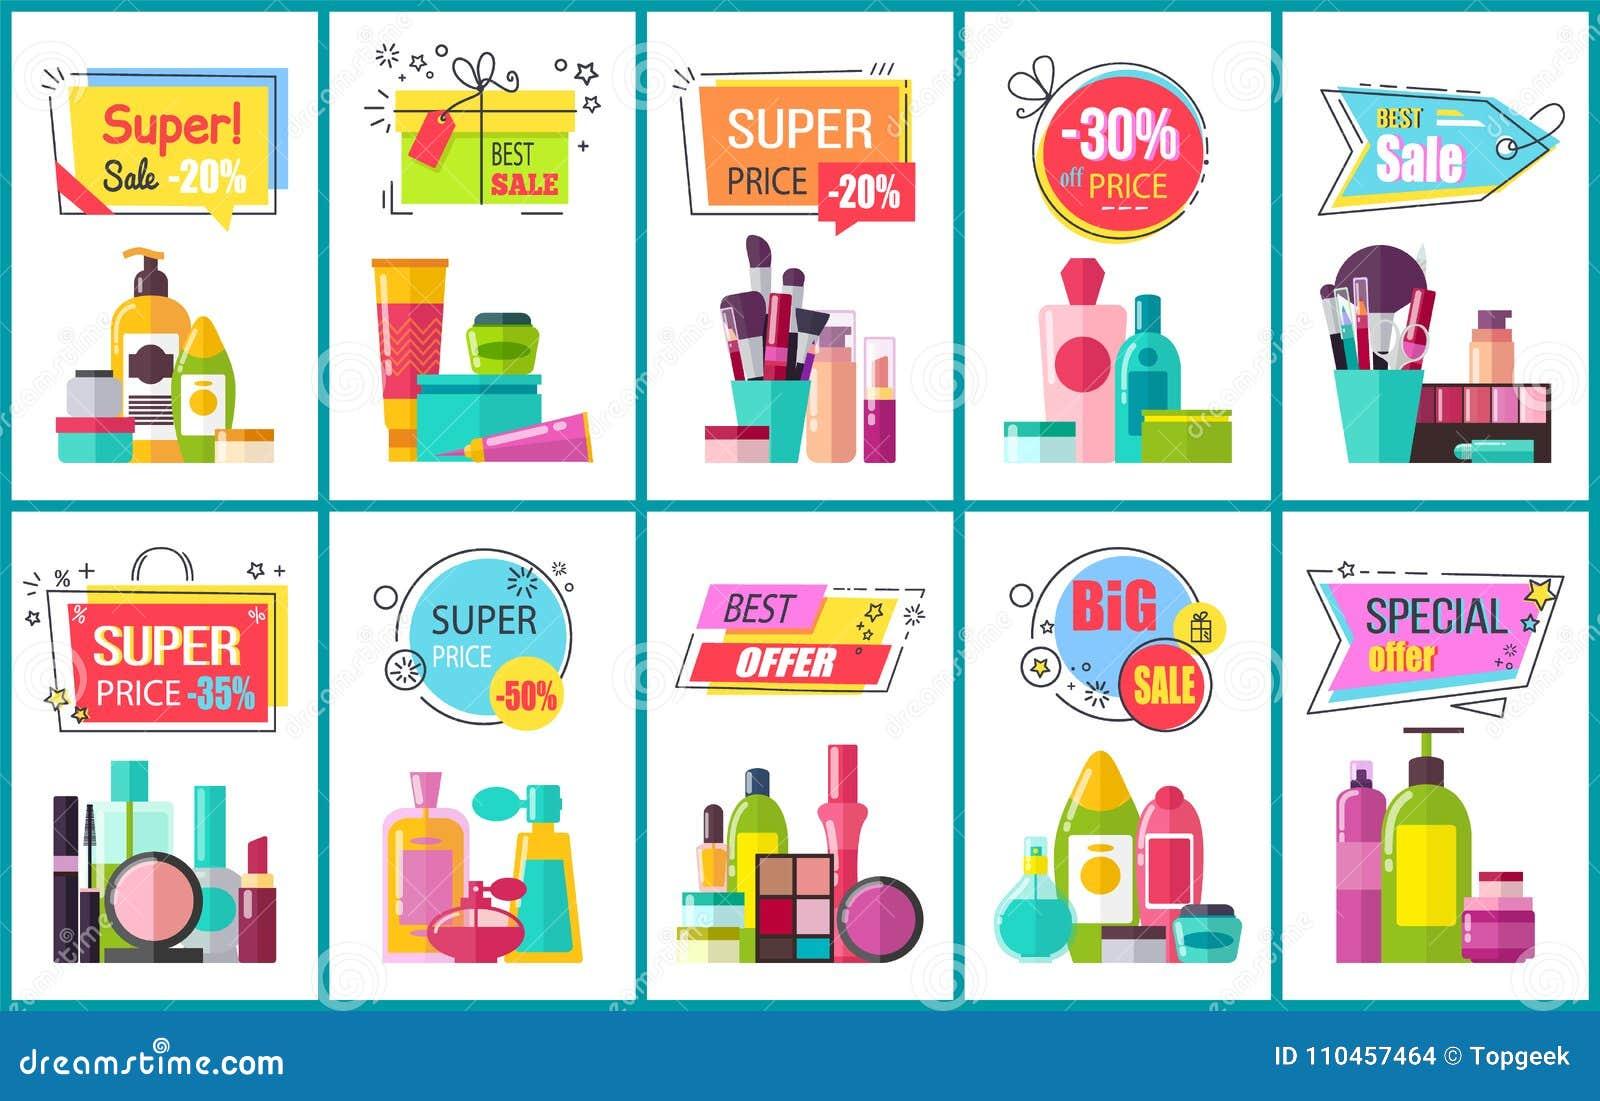 Mest bra Sale för dekorativa och Skincare skönhetsmedel